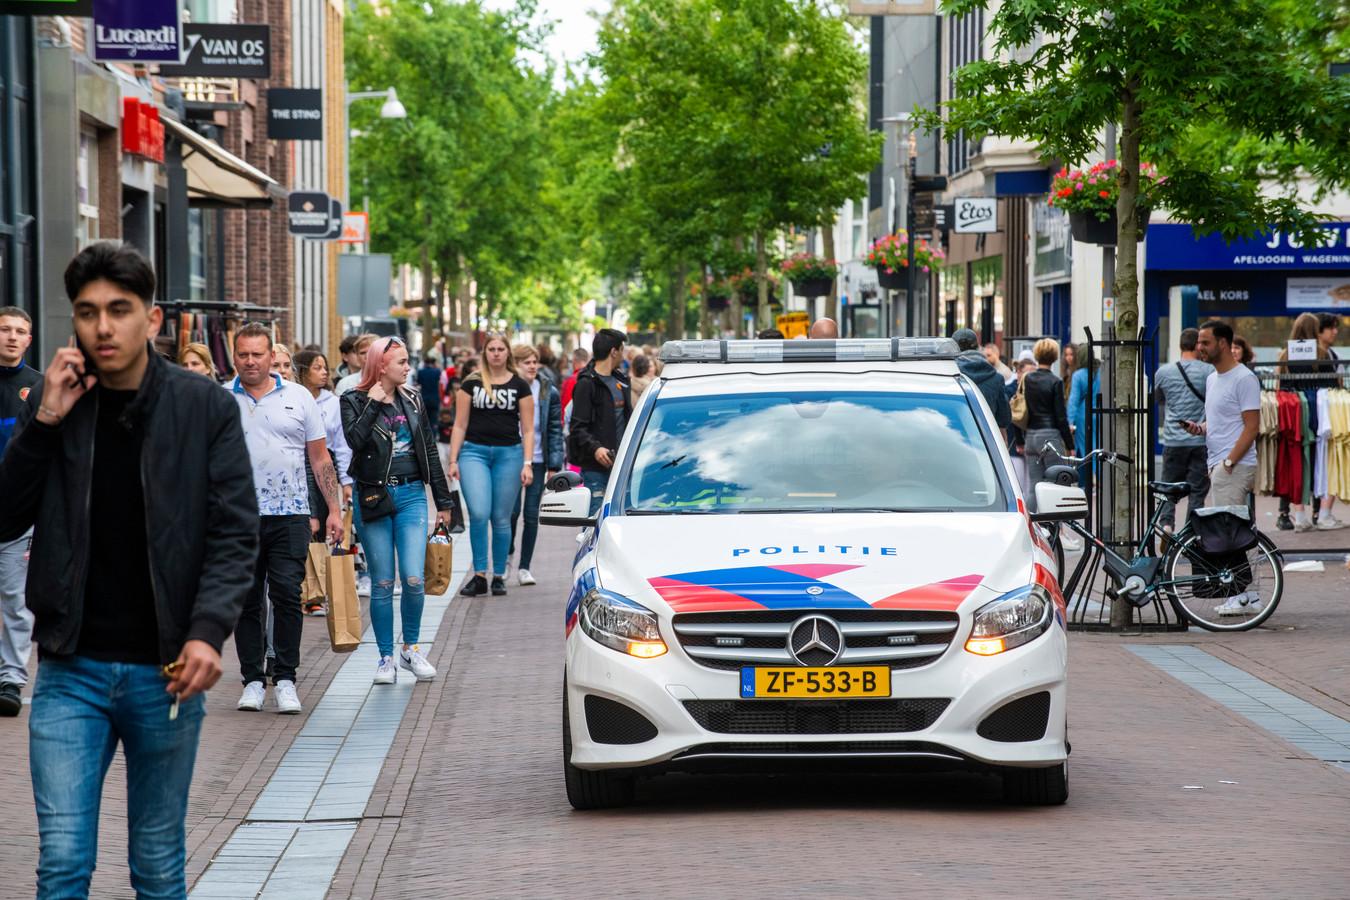 ,,Ga naar huis!'' Vanuit een politiewagen krijgen bezoekers van de Apeldoornse binnenstad te horen dat ze moeten vertrekken omdat het te druk is.